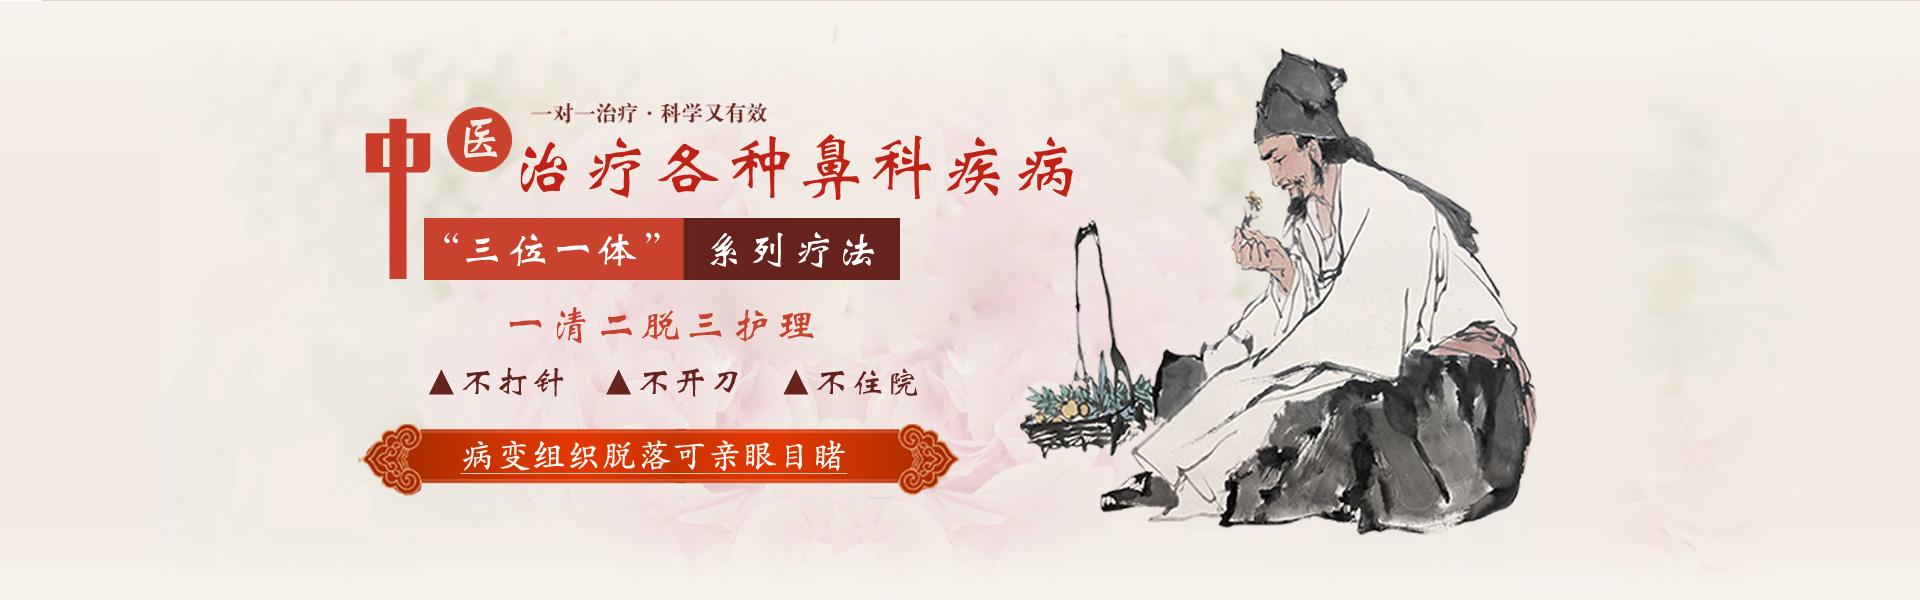 梅玉震中医诊所·道无涯中医鼻科